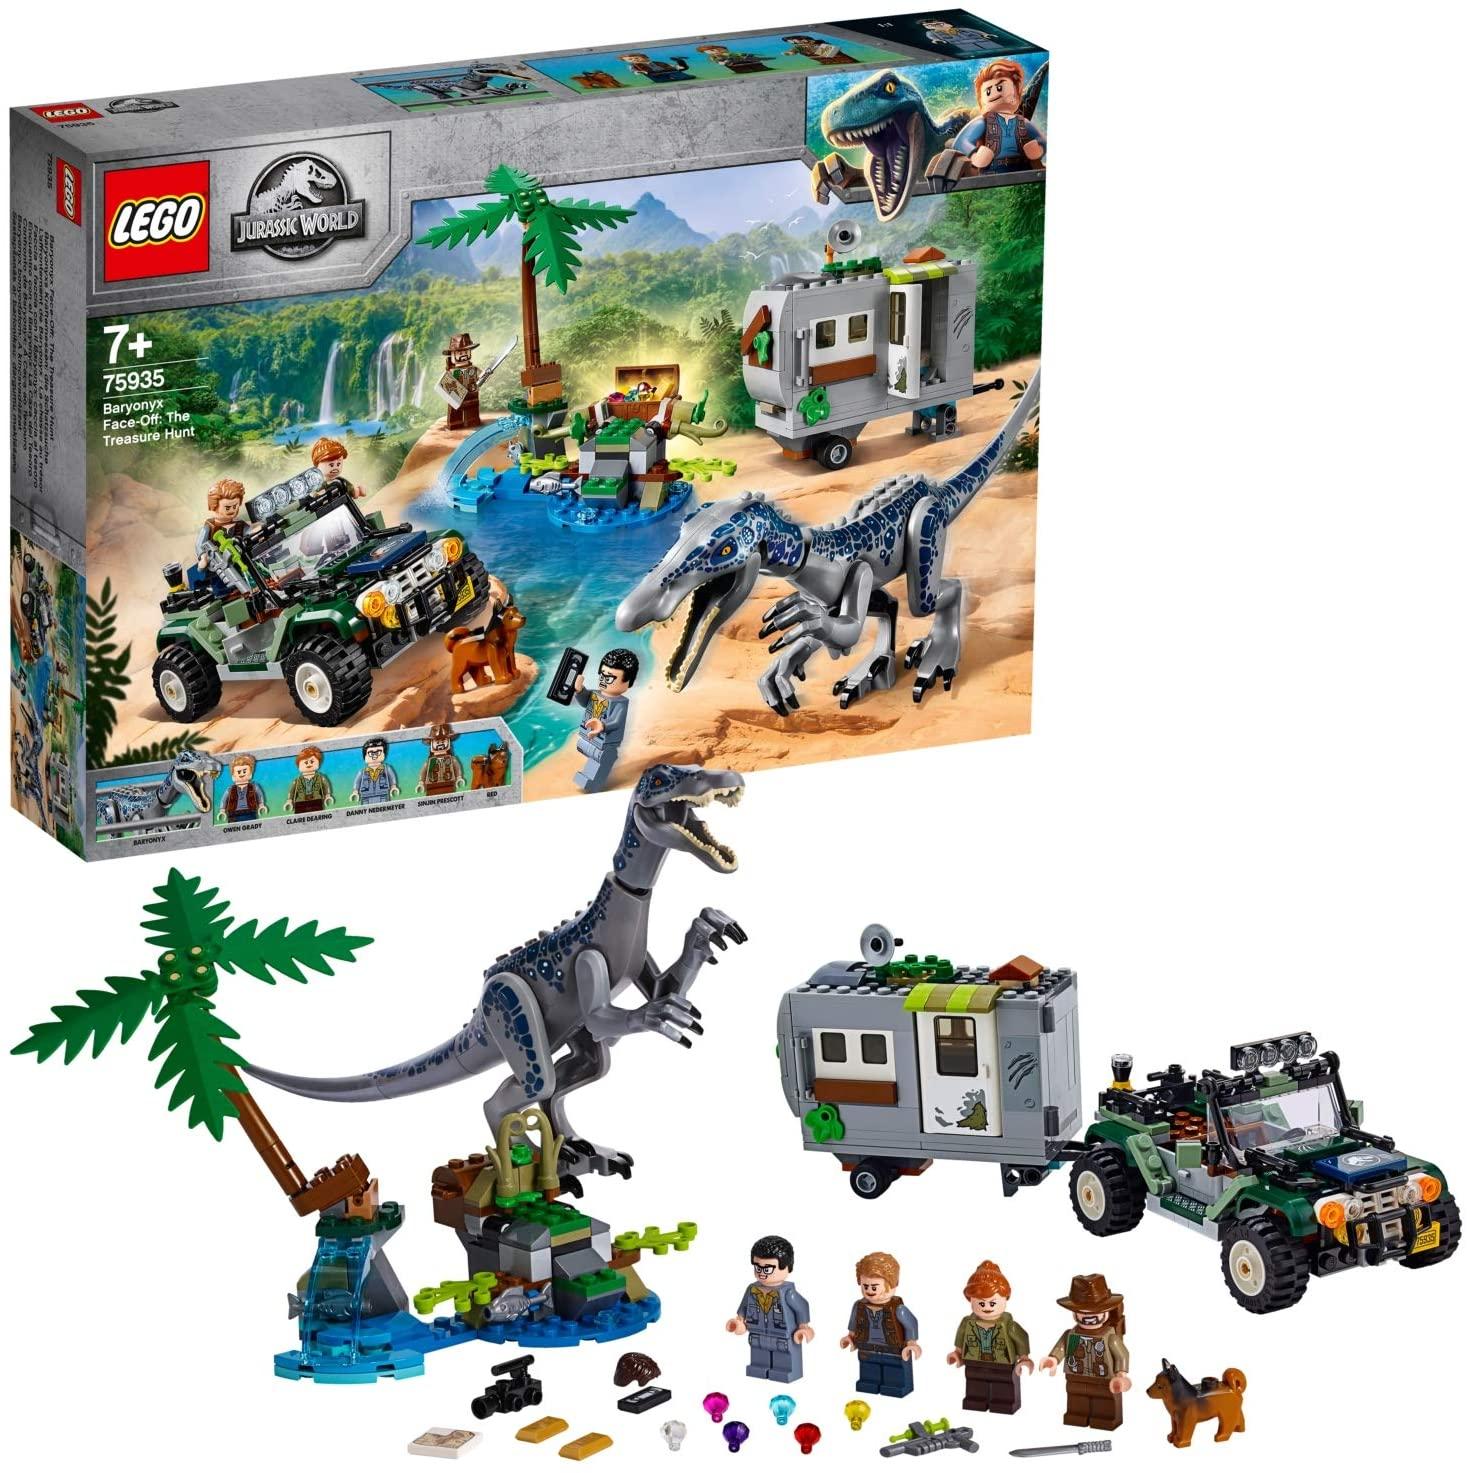 LEGO Jurassic World Faccia a Faccia con il Baryonyx: Caccia al Tesoro 75935